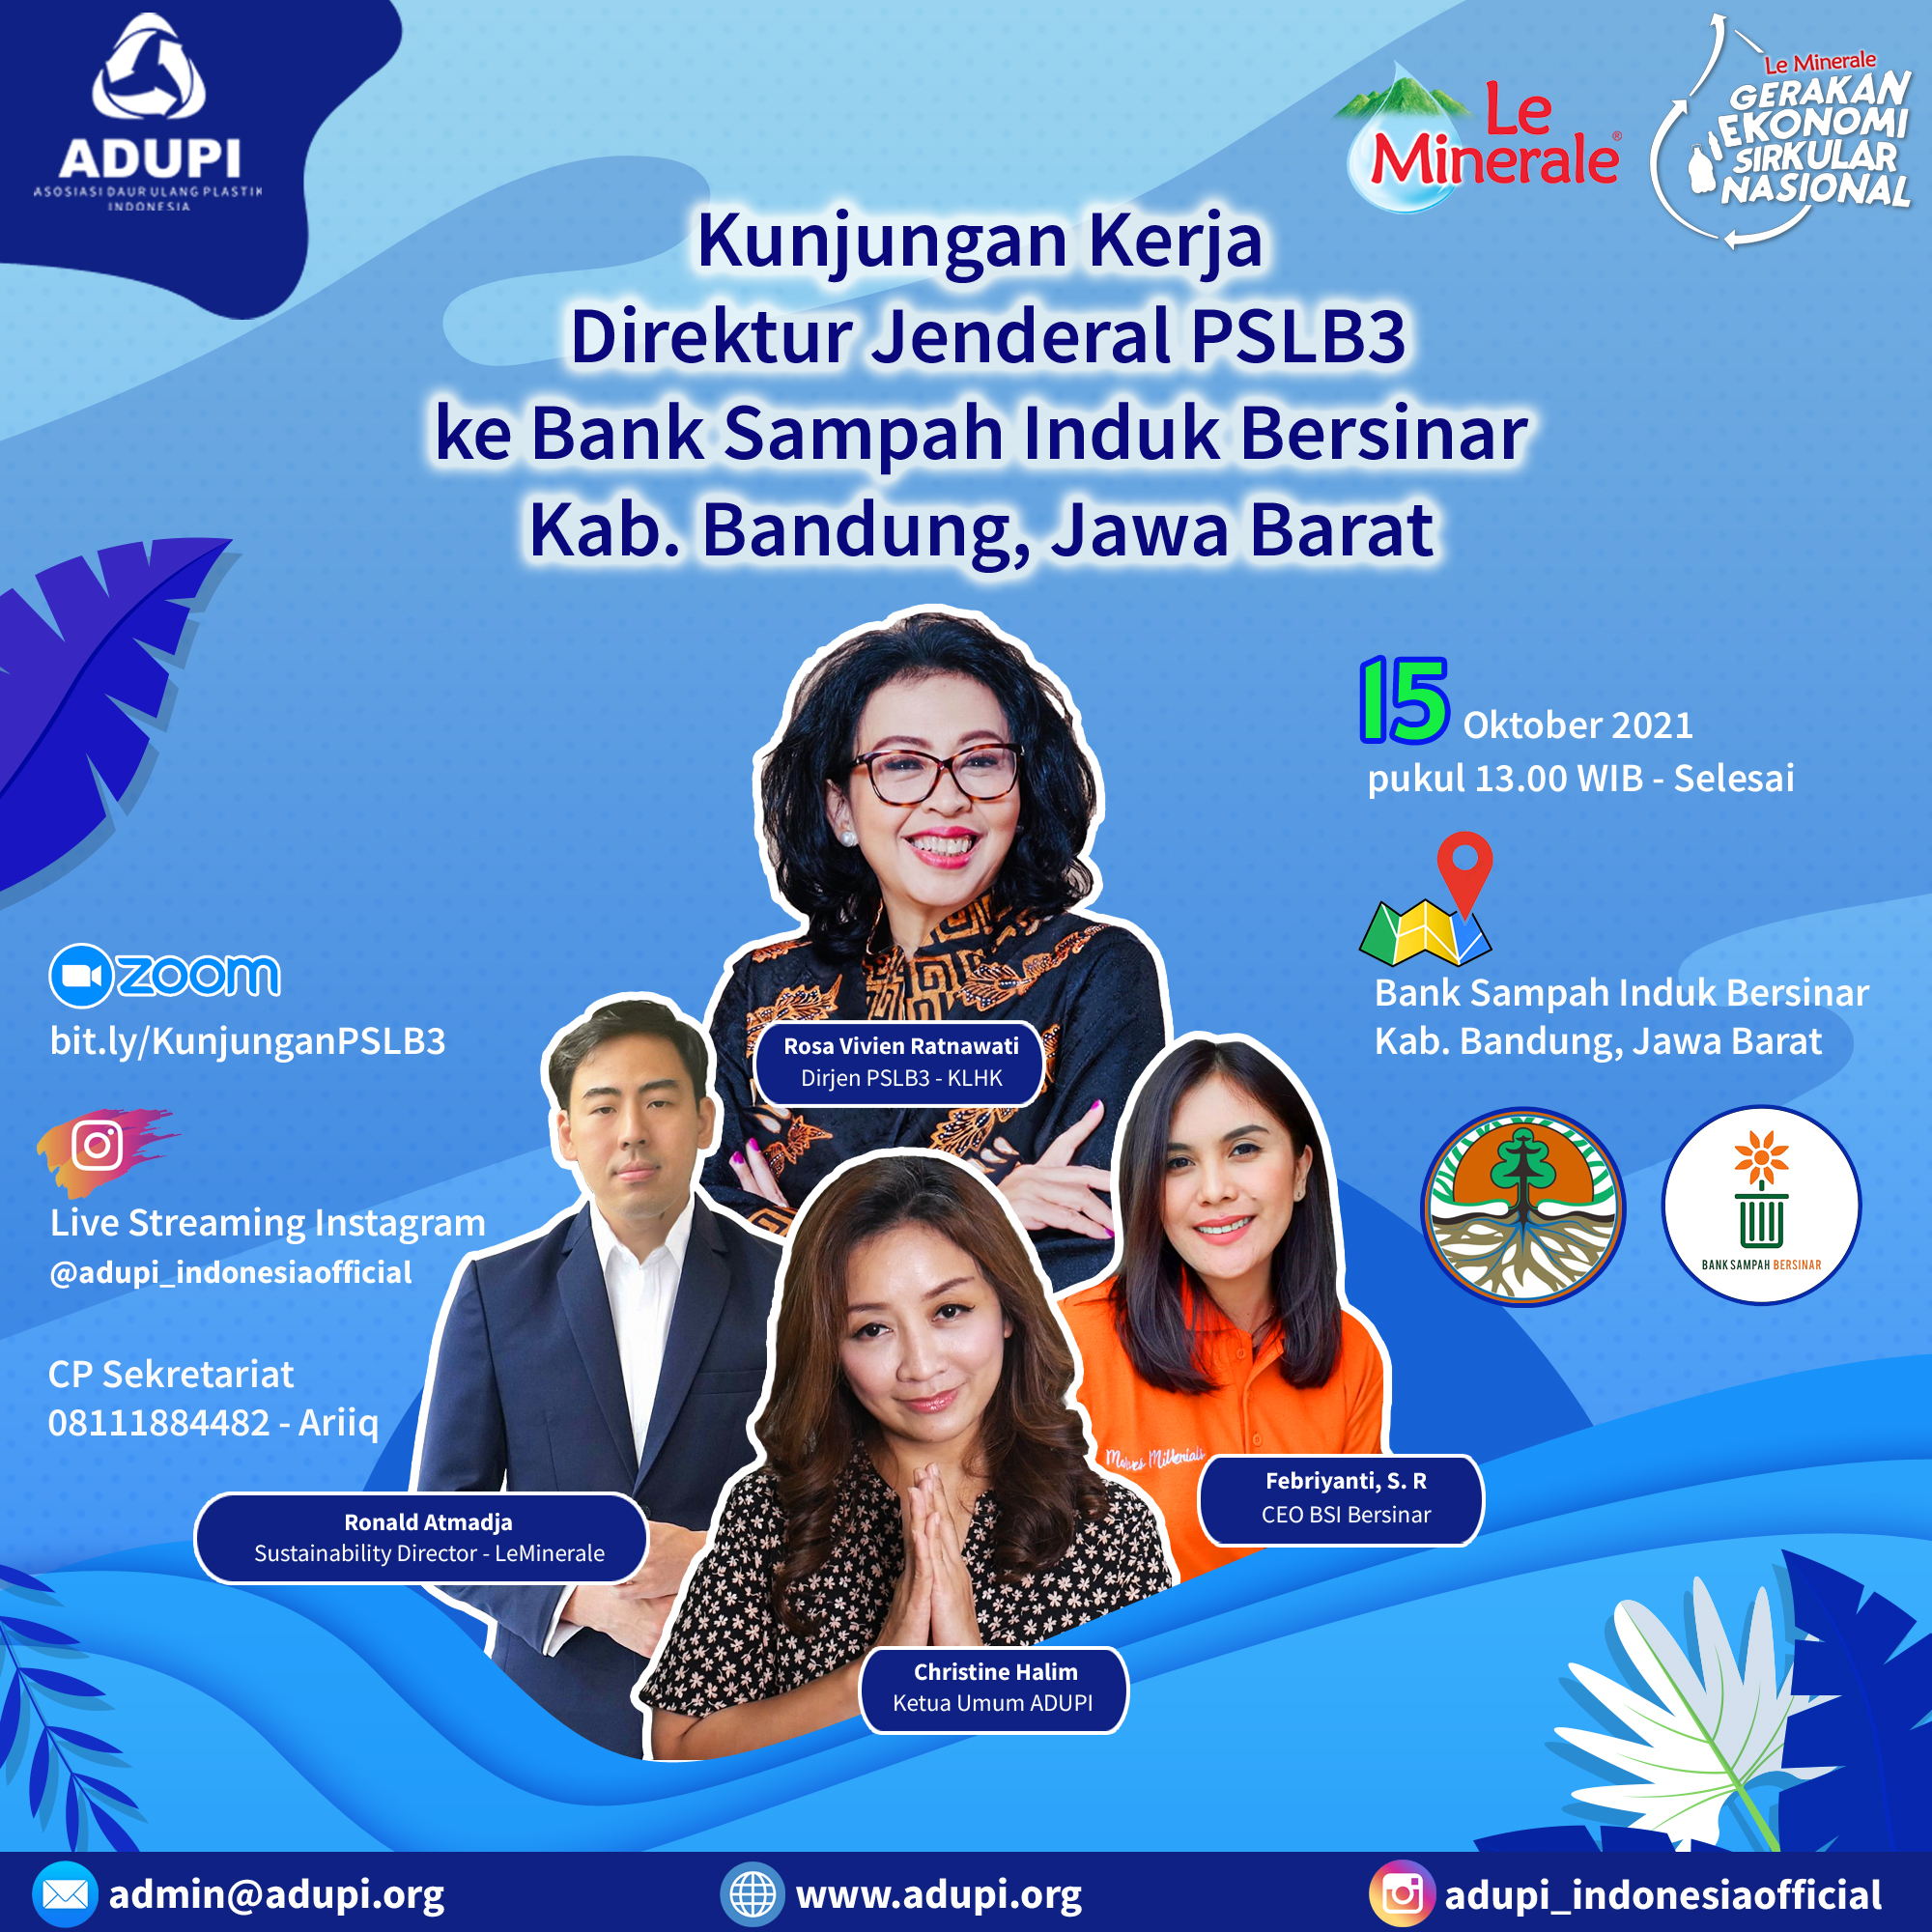 Kunjungan Kerja Direktur Jenderal PSLB3 ke Bank Sampah Induk Bersinar, Kab Bandung Jawa Barat